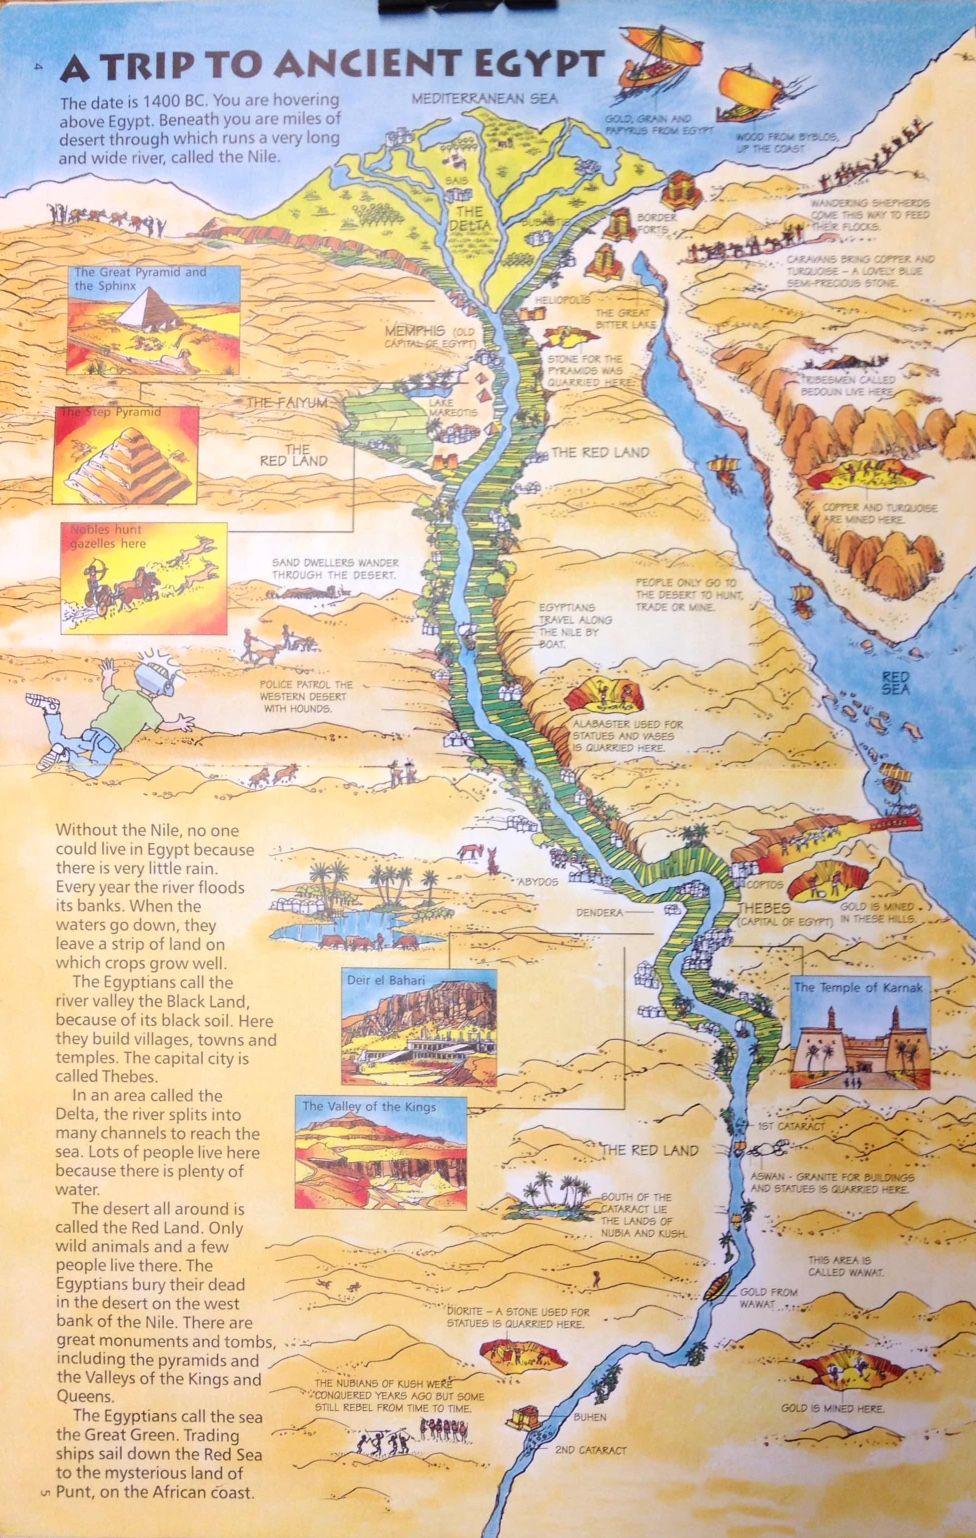 Ancient Egypt Map Ancient egypt map, Egypt, Egypt map